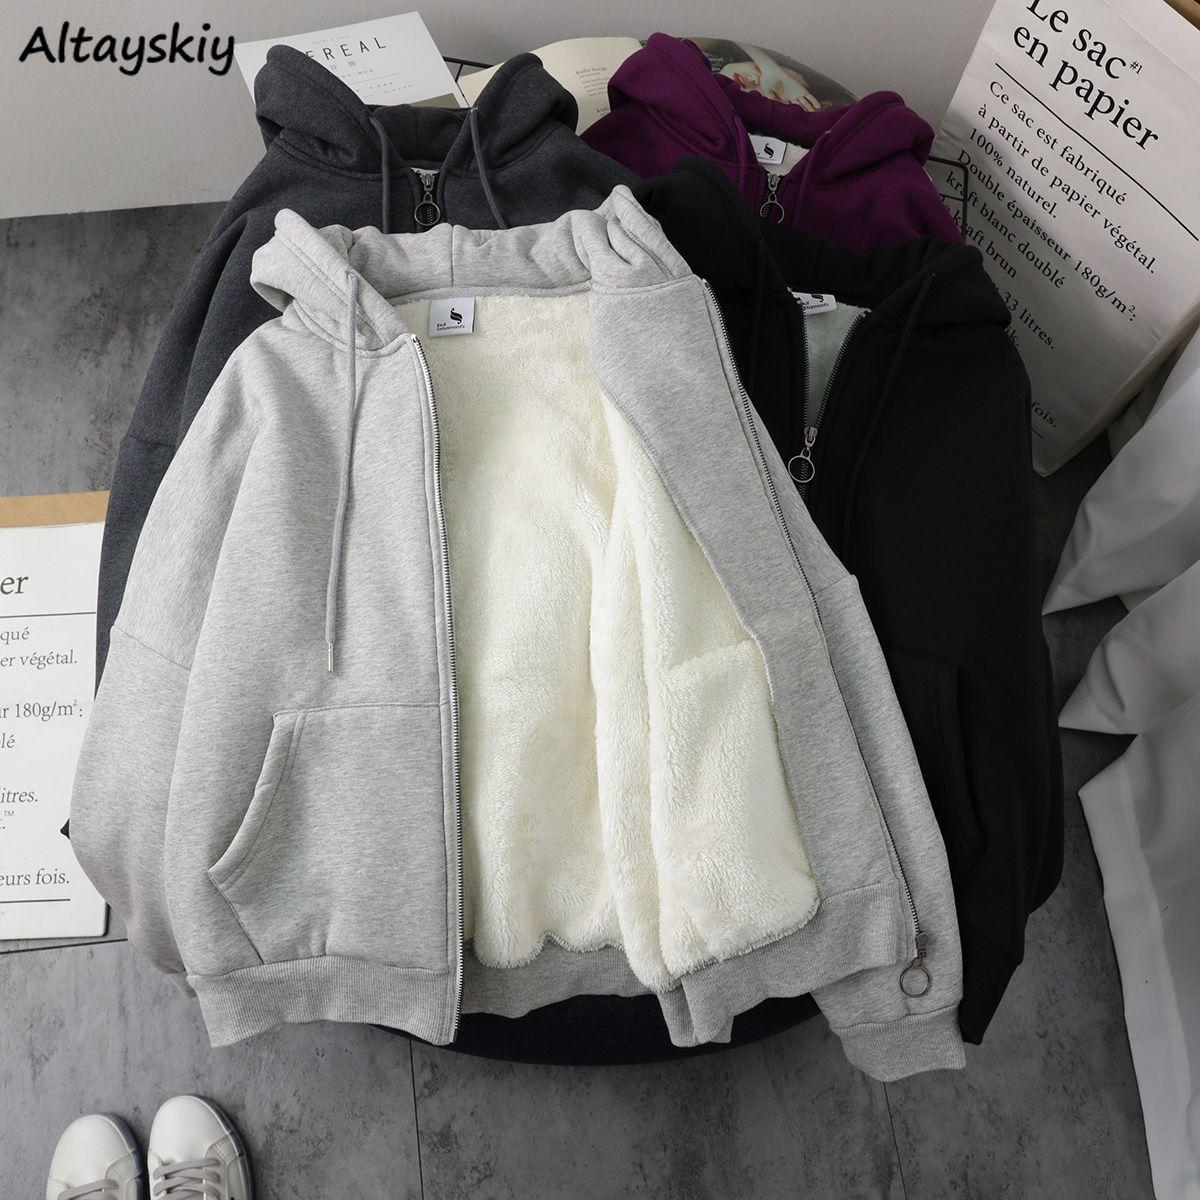 12.78US $ 5% OFF|Mit Hut Hoodies Frauen Dicker Winter Warme Weiche Einfache Grund Zip up Teens Oberbekleidung Hoodie Koreanische Beliebte Trendy Damen kleidung|Hoodies & Sweatshirts|   – AliExpress – Giyim vs.